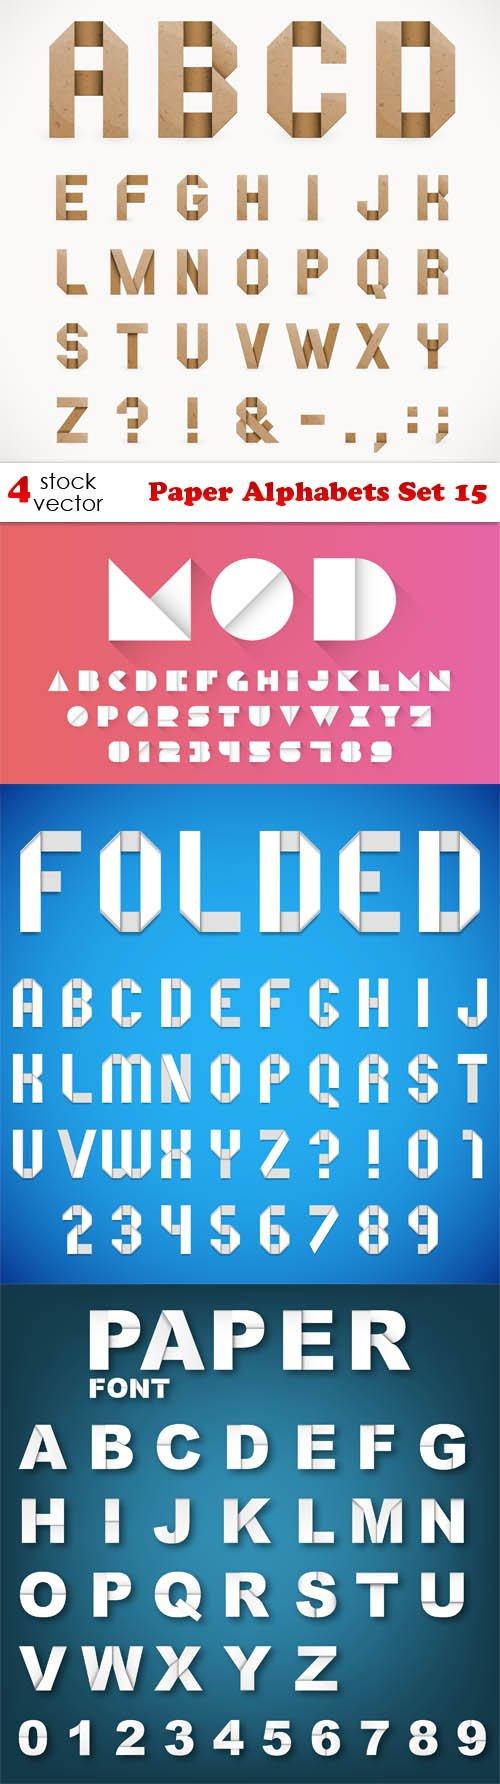 Vectors - Paper Alphabets Set 15